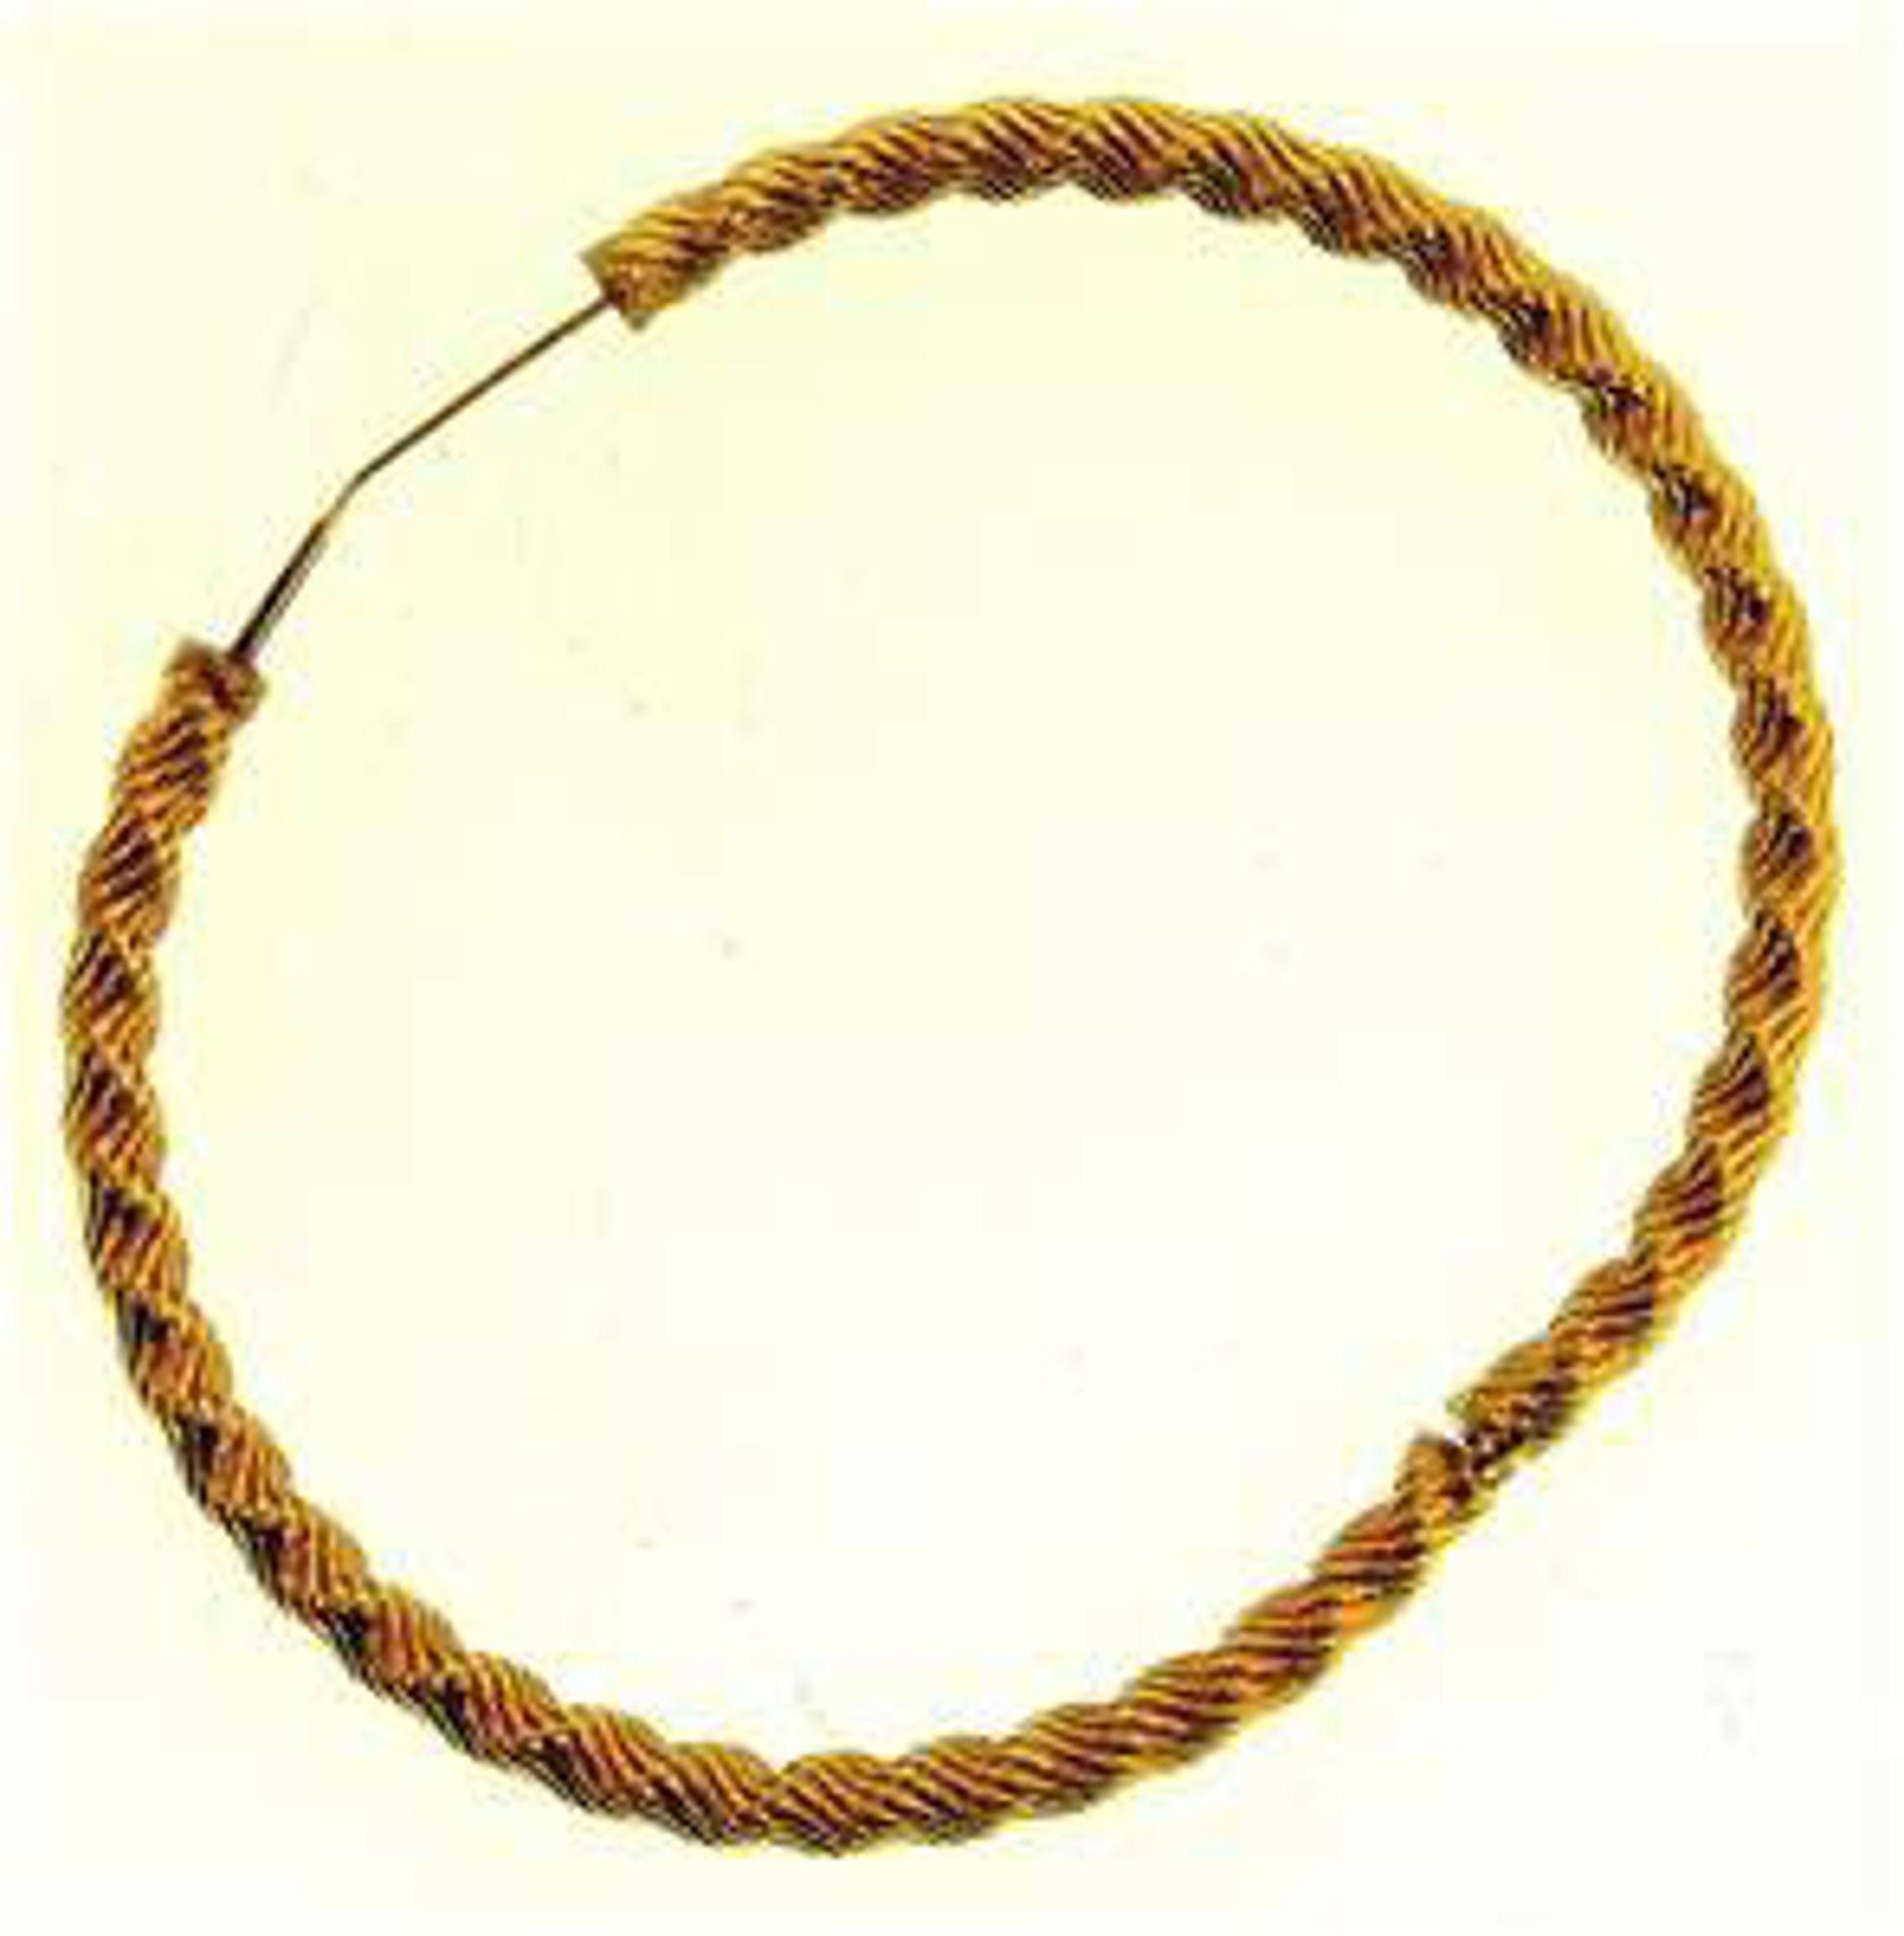 Picture of Bangle Bracelets 14kt-5.5 DWT, 8.6 Grams